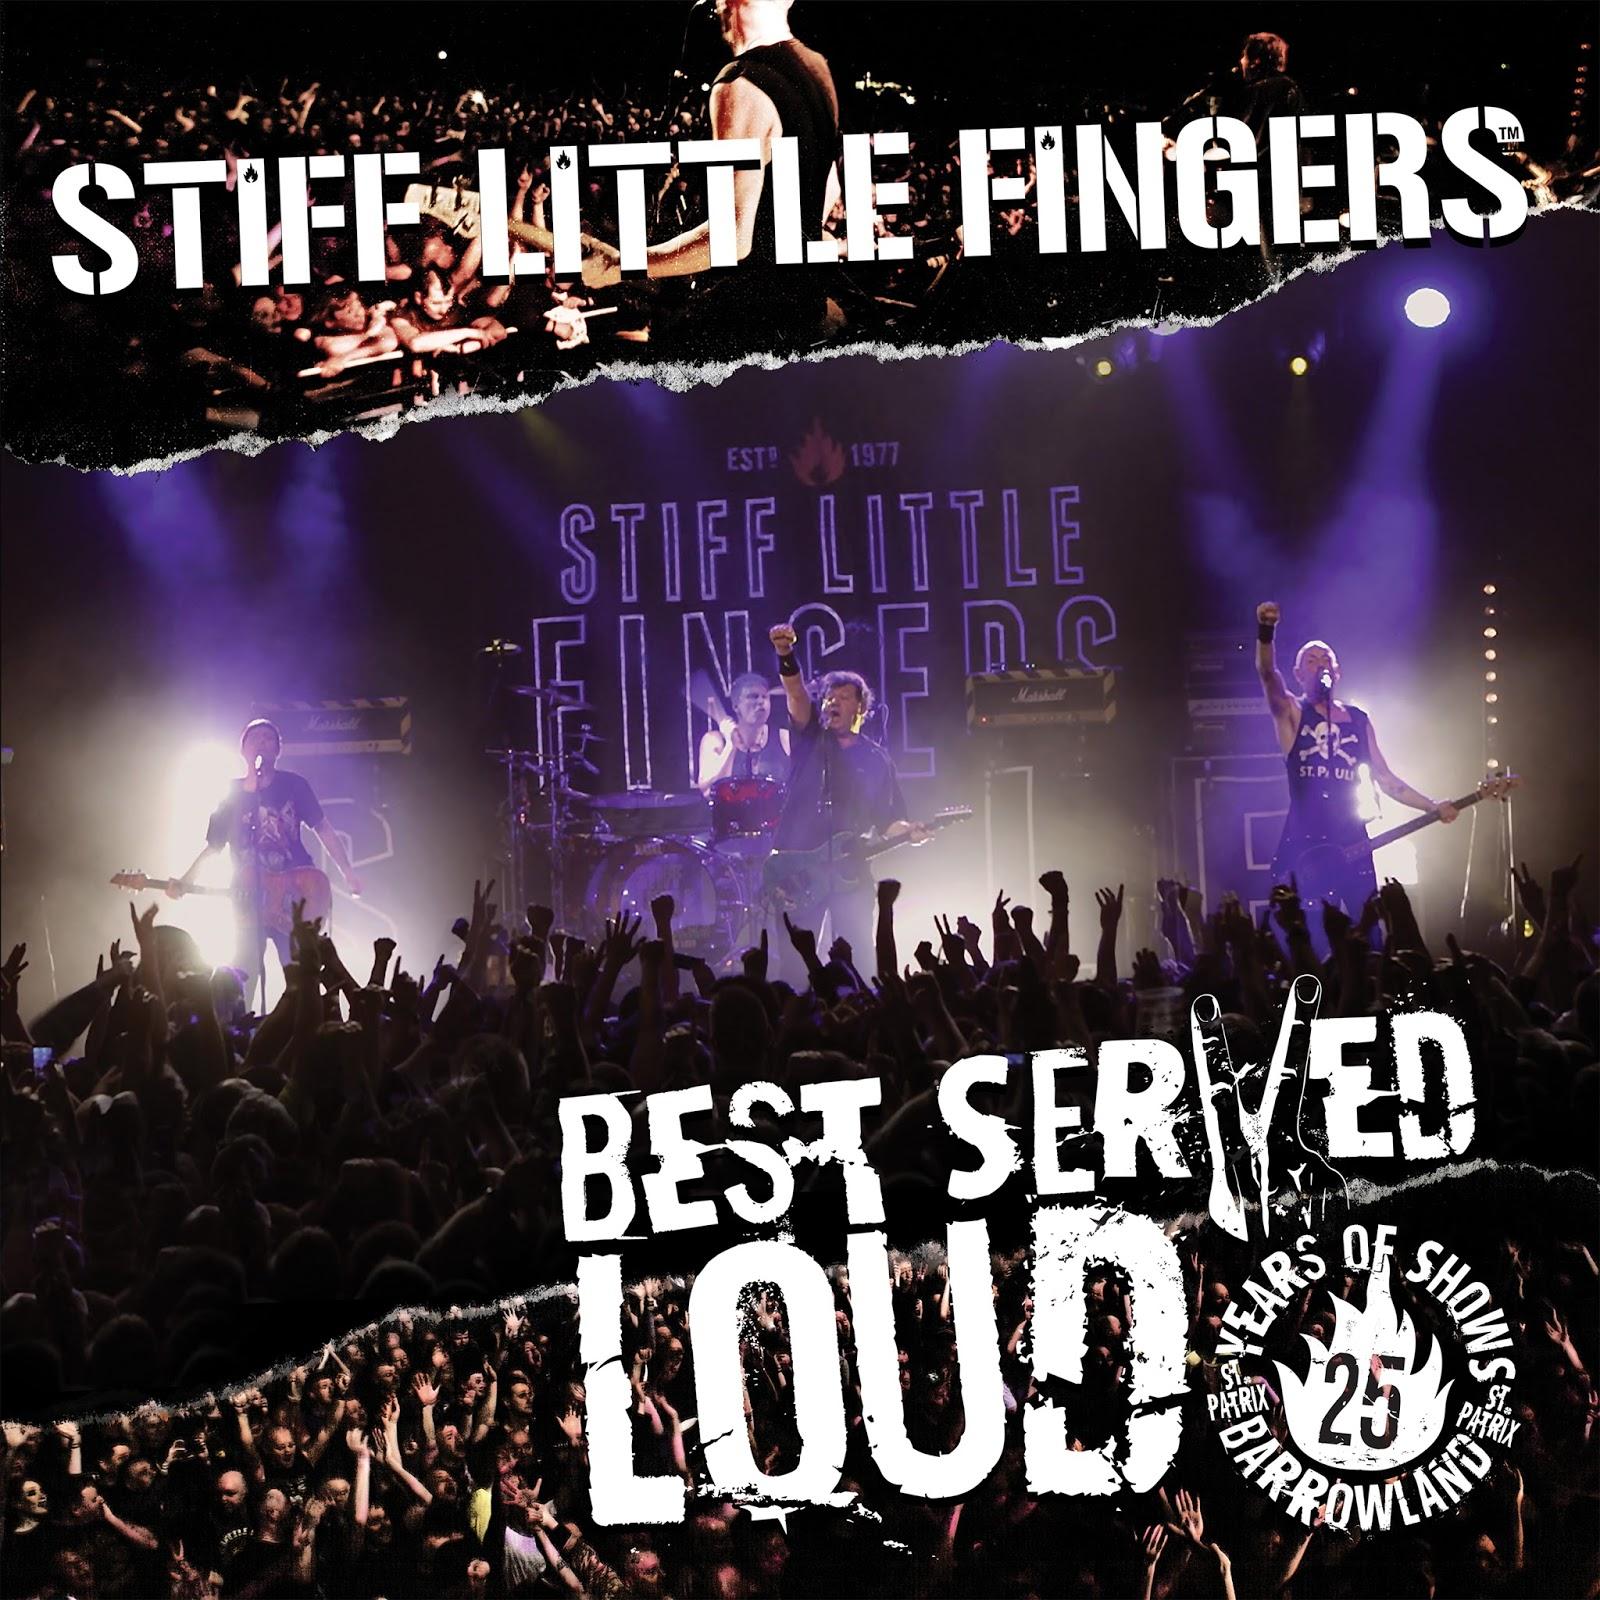 Stiff Little Fingers Tour Review